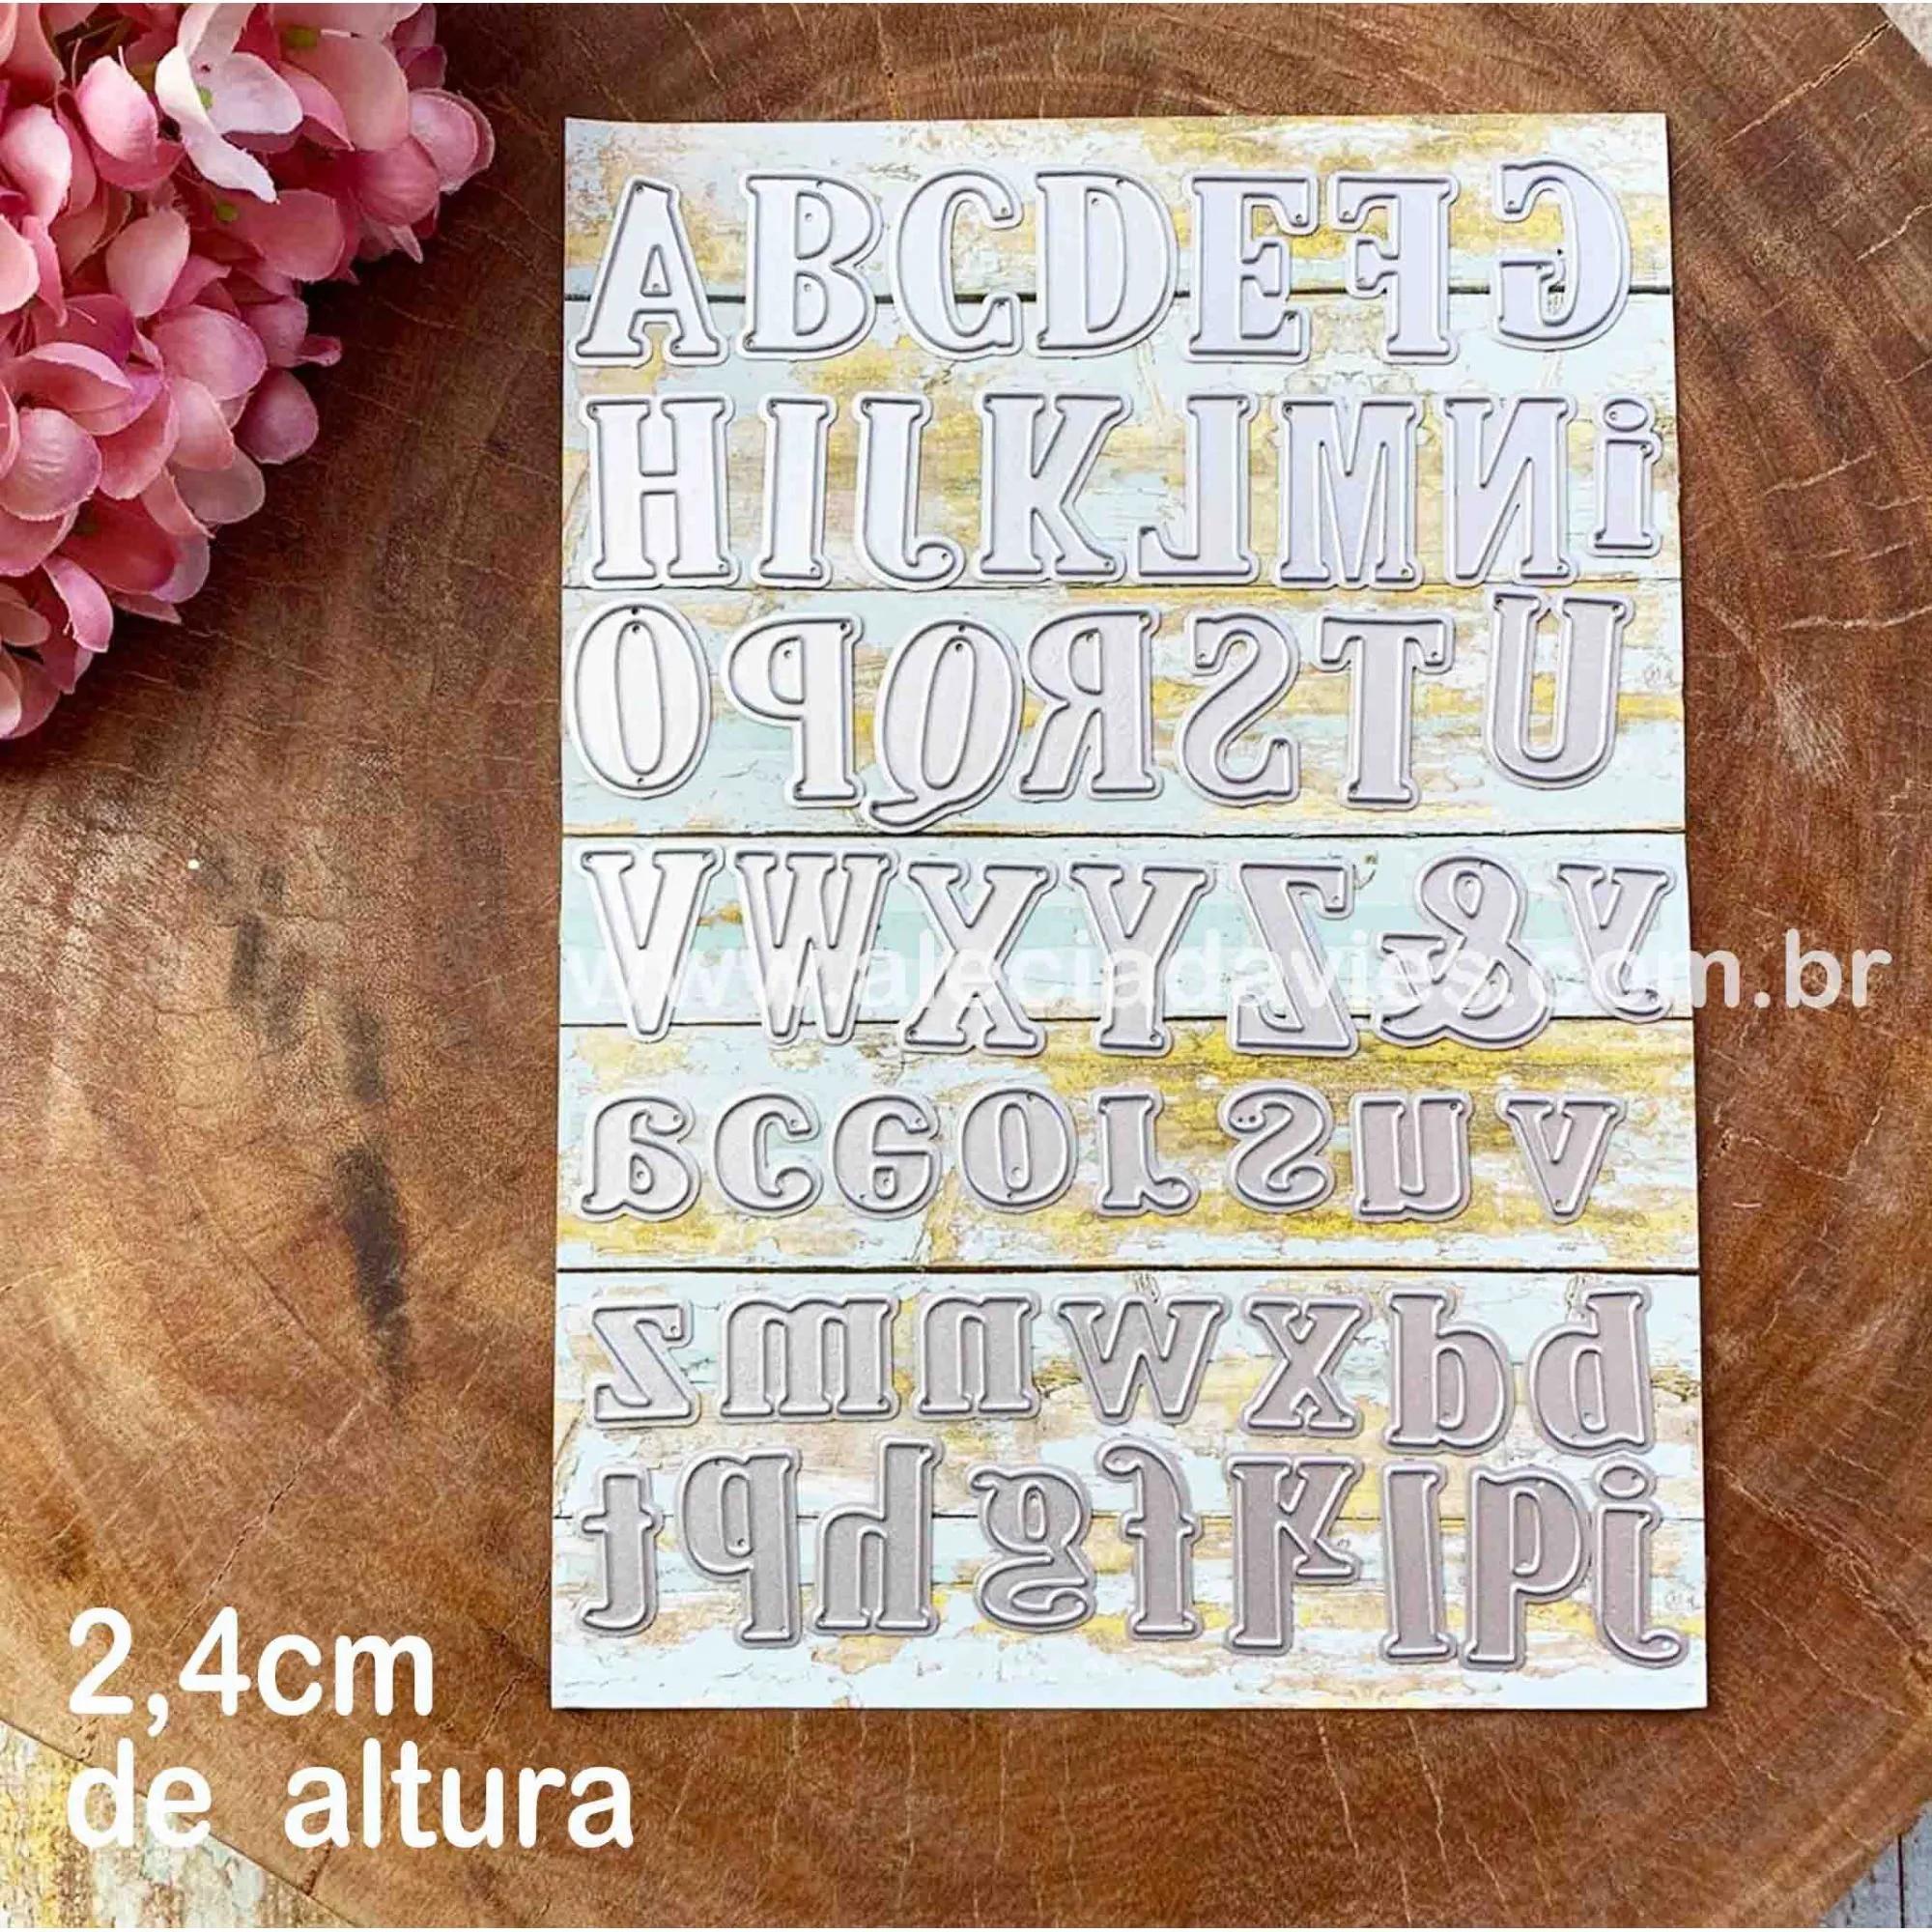 Alfabeto 2,4cm de altura maiúsculas e minúsculas